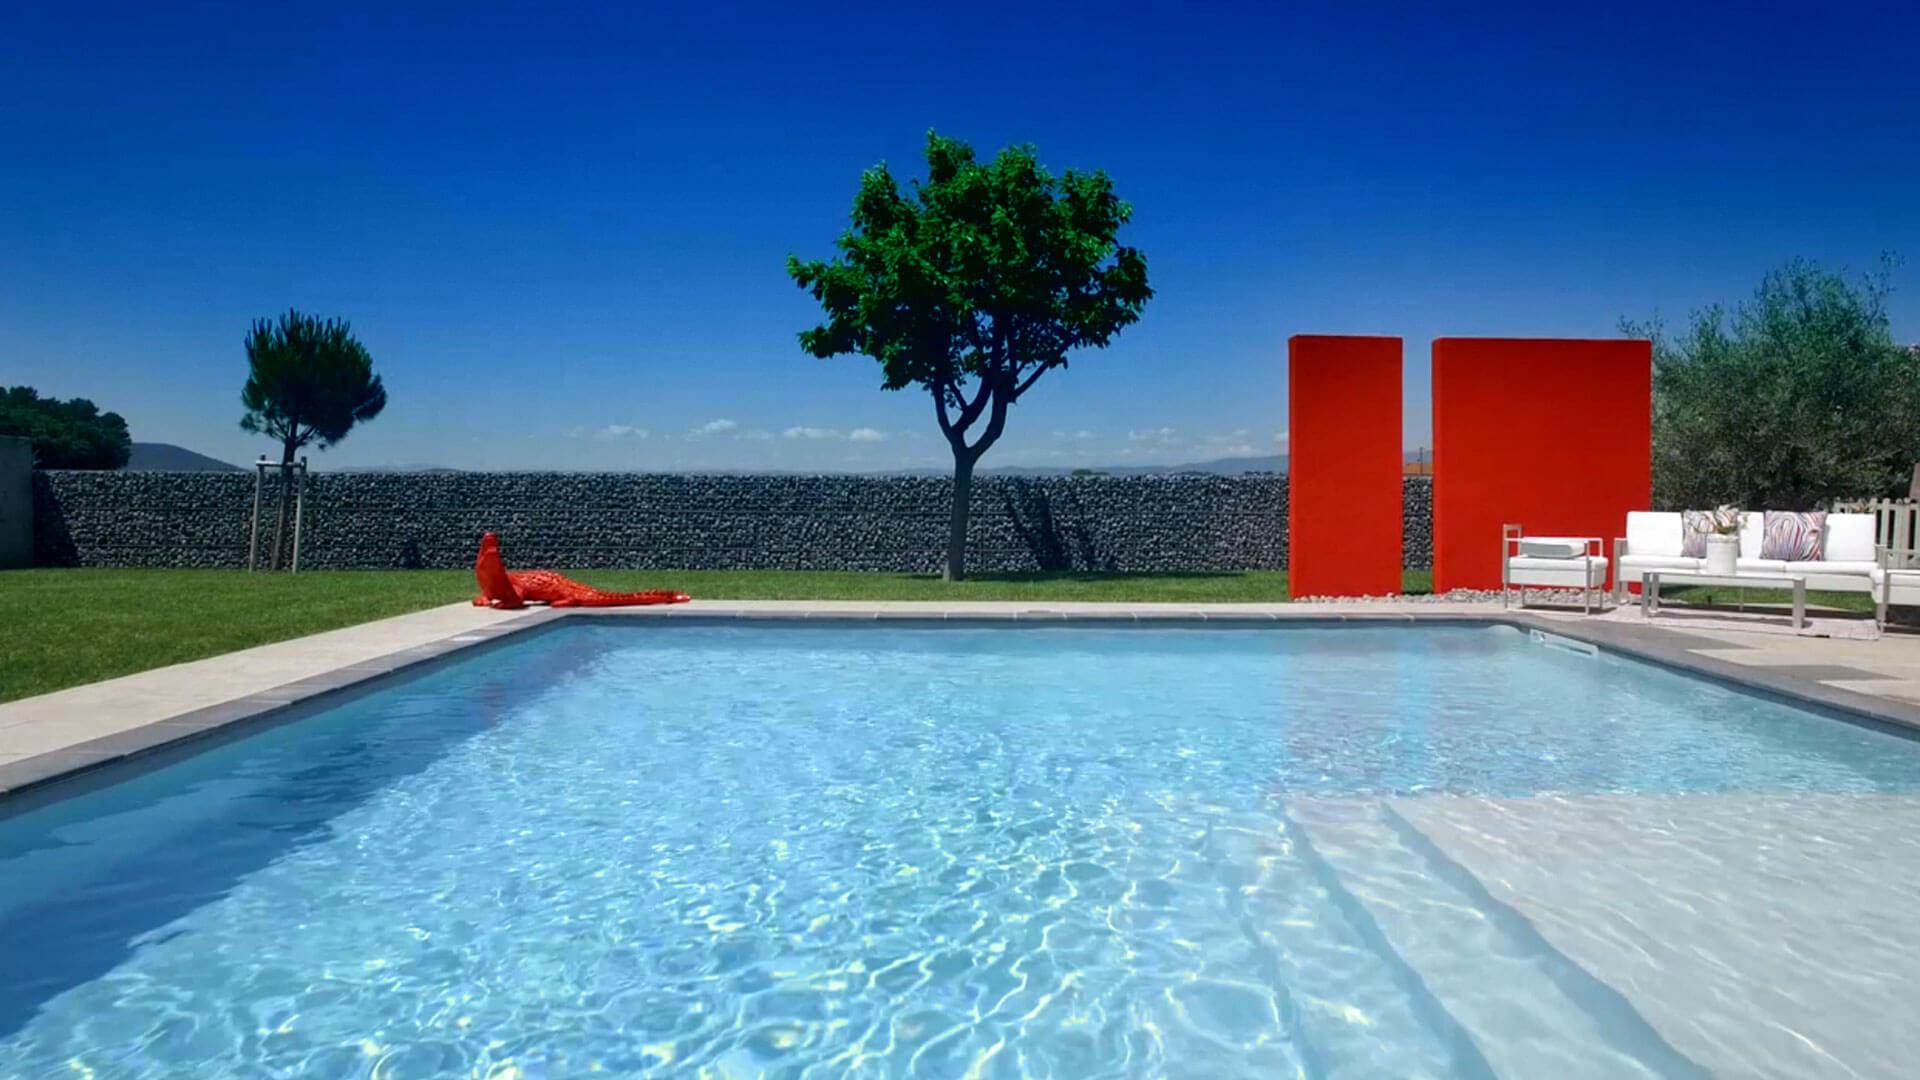 1-piscine-unique-gris-escalier-plage-carre